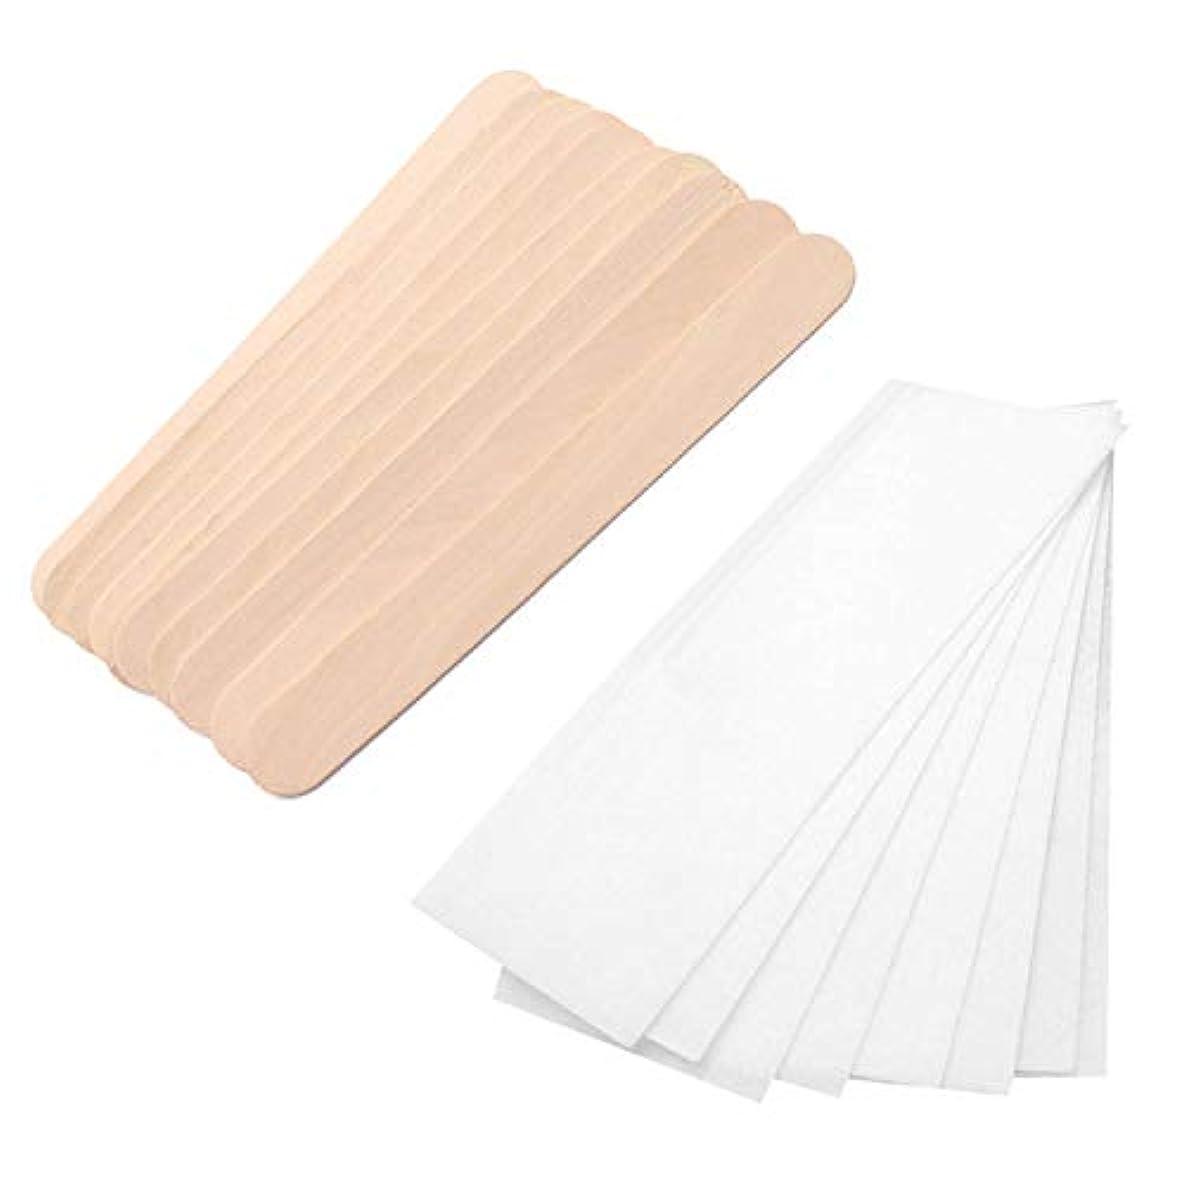 ポスター子孫アンティークMigavann 100個木製ワックススティック 使い捨て木製ワックススティックへらアプリケーター 100個不織ワックスストリップ脱毛紙